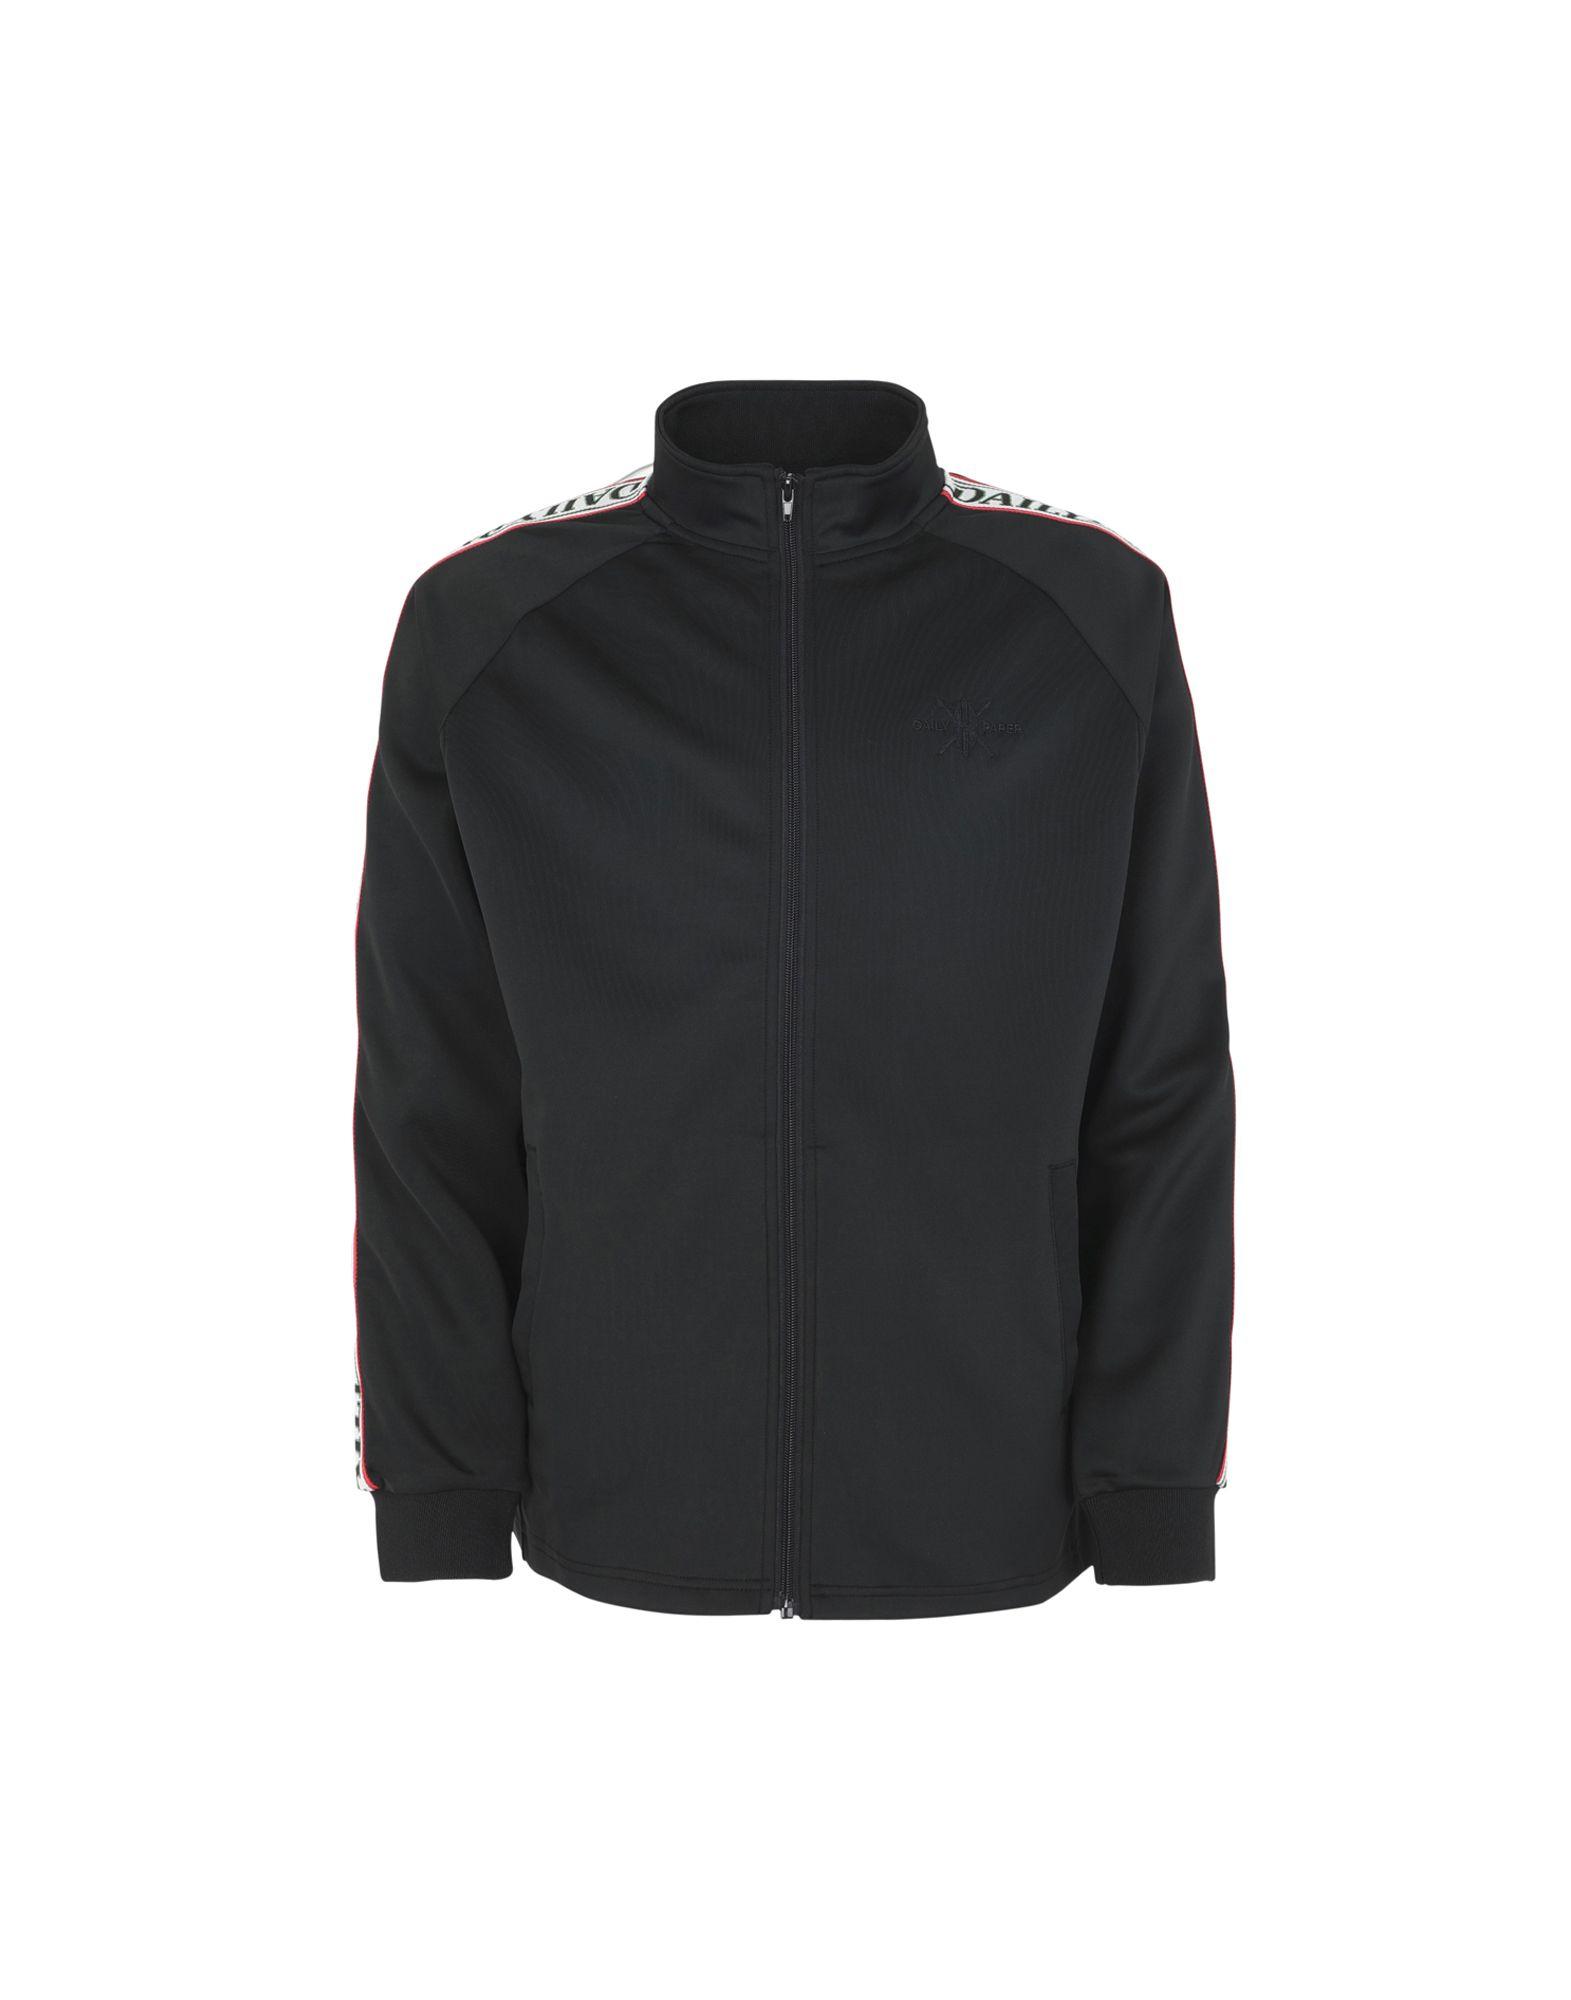 《送料無料》DAILY PAPER メンズ スウェットシャツ ブラック S ポリエステル 95% / ポリウレタン 5% DAPEVEST